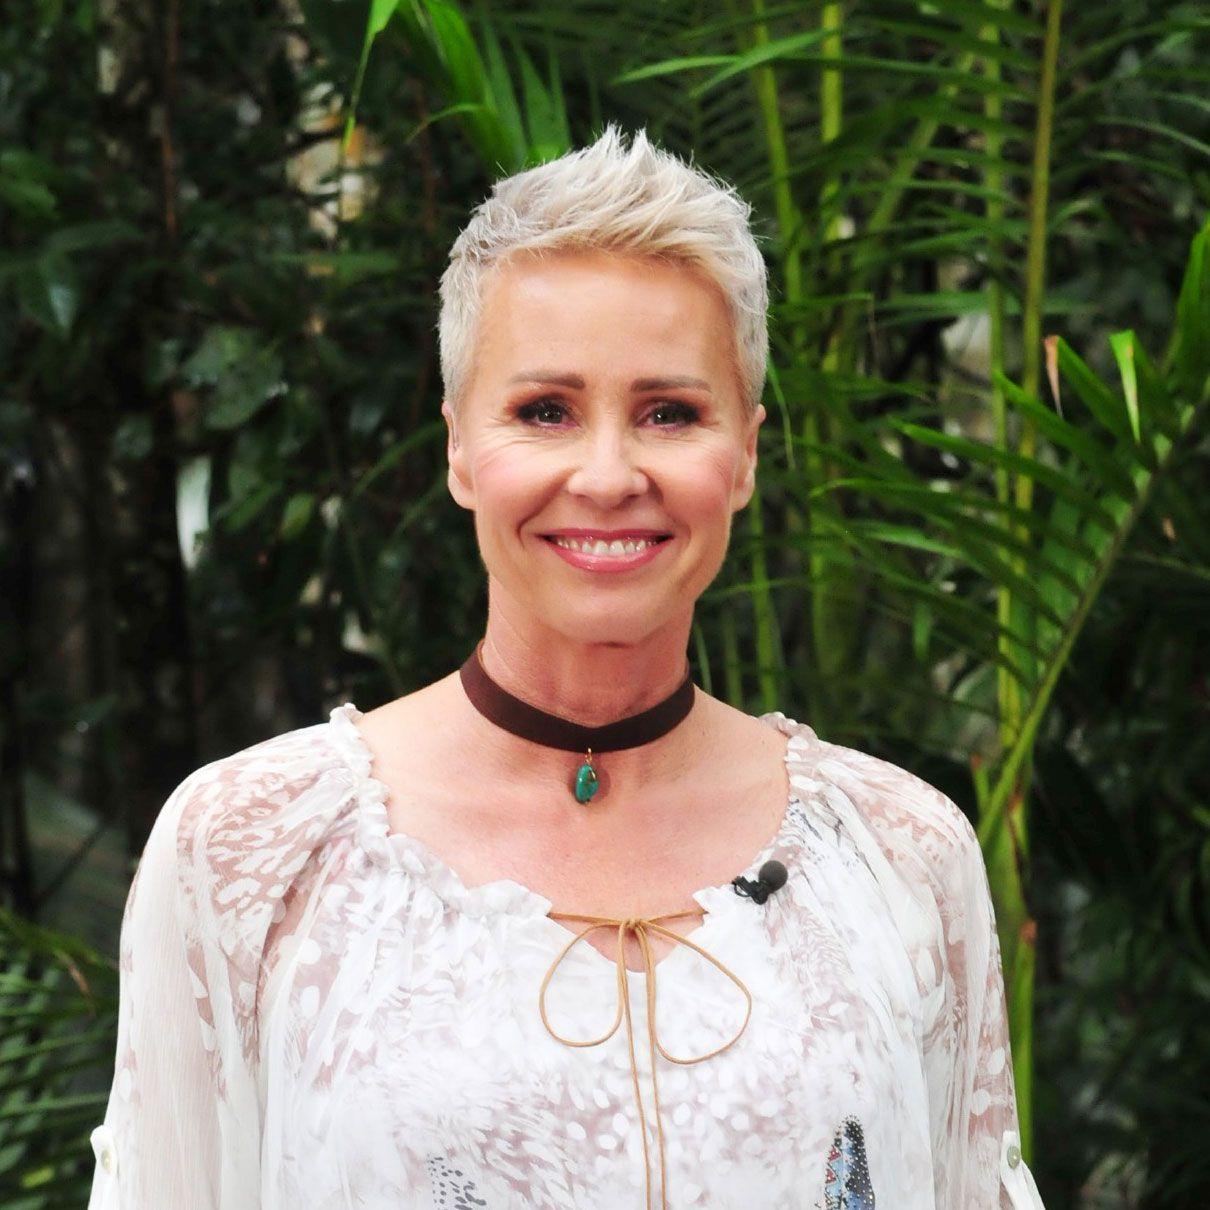 Sonja Zietlow Verhangnisvolle Leidenschaft Verliert Sie Ihren Mann Sonja Zietlow Frisur Sonja Zietlow Haarschnitt Ideen